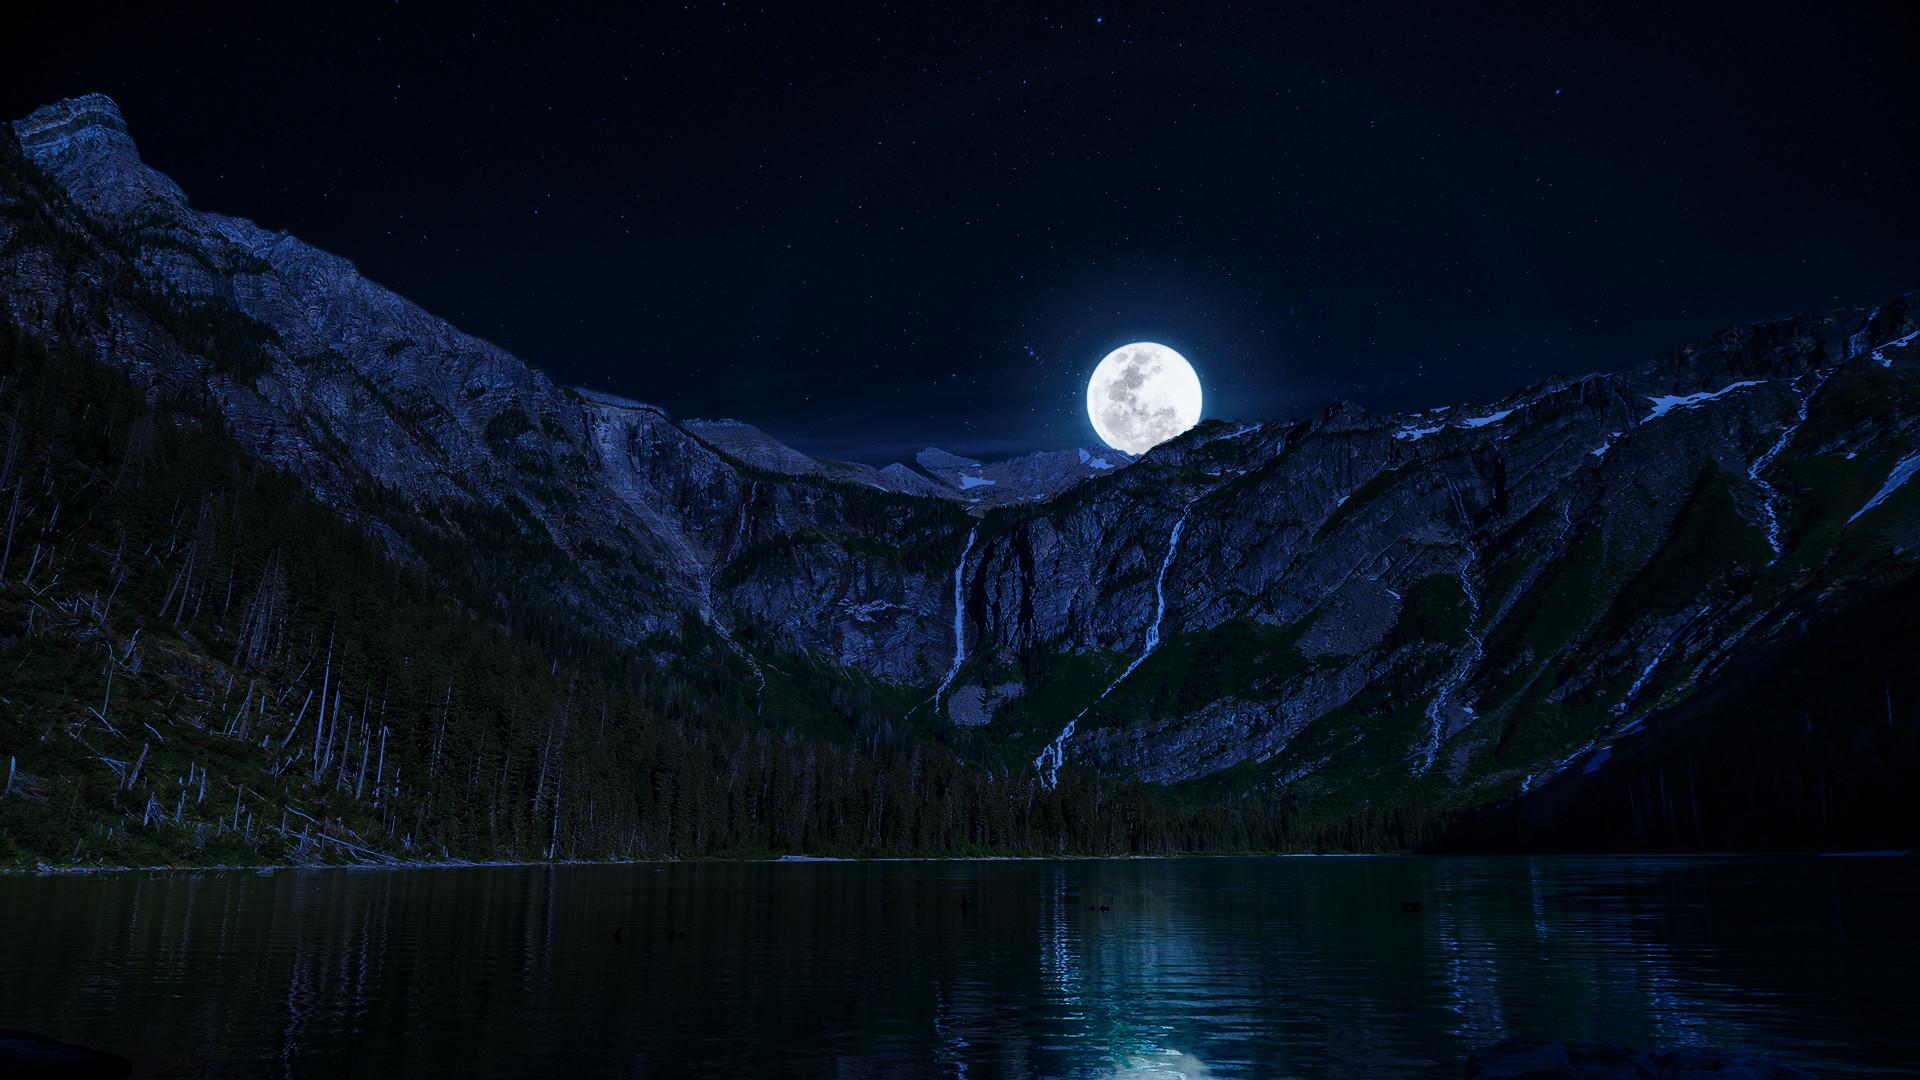 Lake Night Moon Mountains Wallpapers 1920×1080.